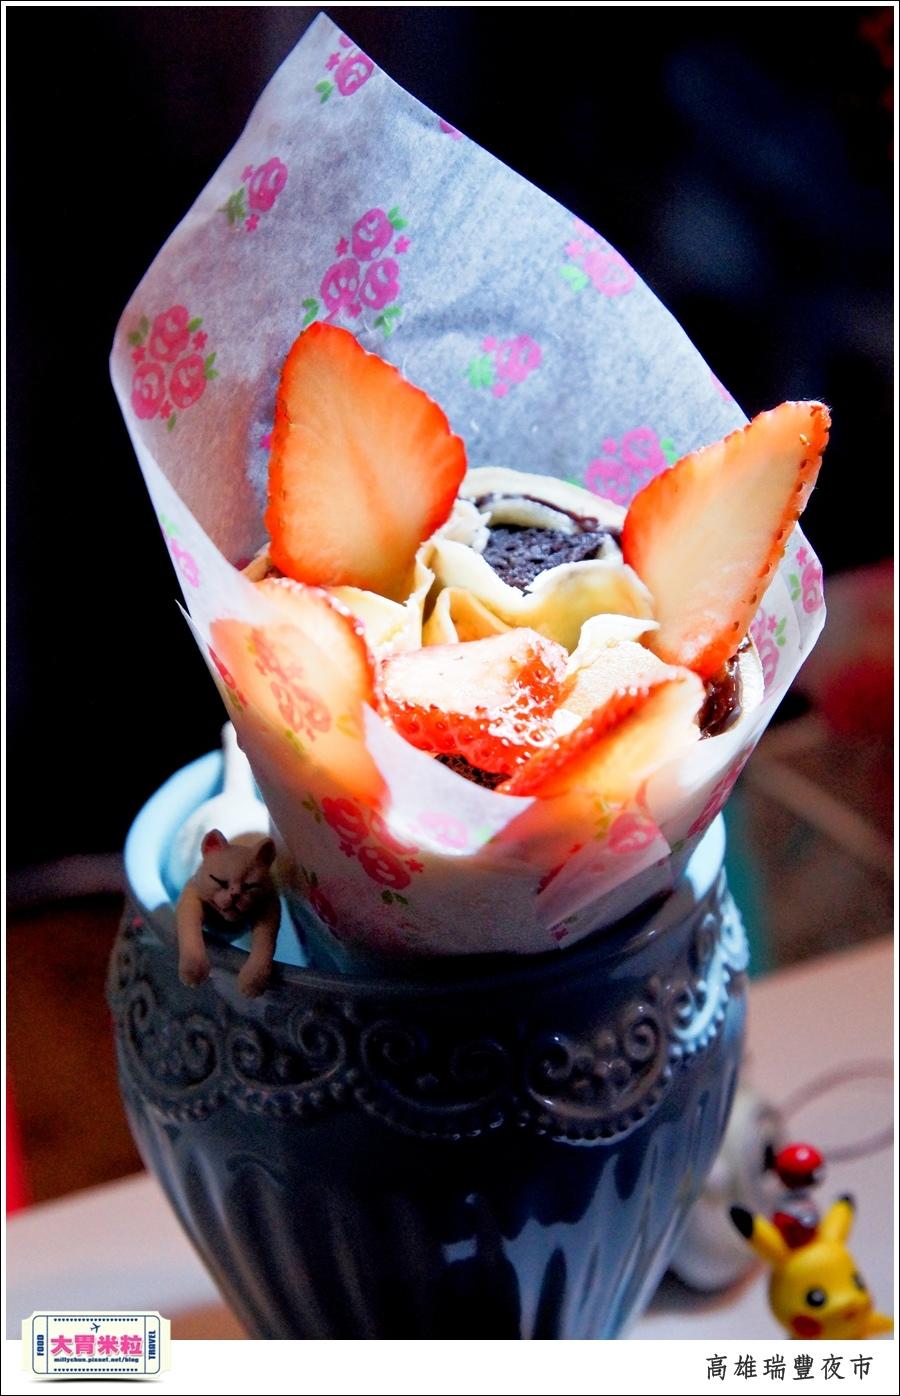 高雄瑞豐夜市必吃推薦@米夏軟式可麗餅推薦@大胃米粒0011.jpg